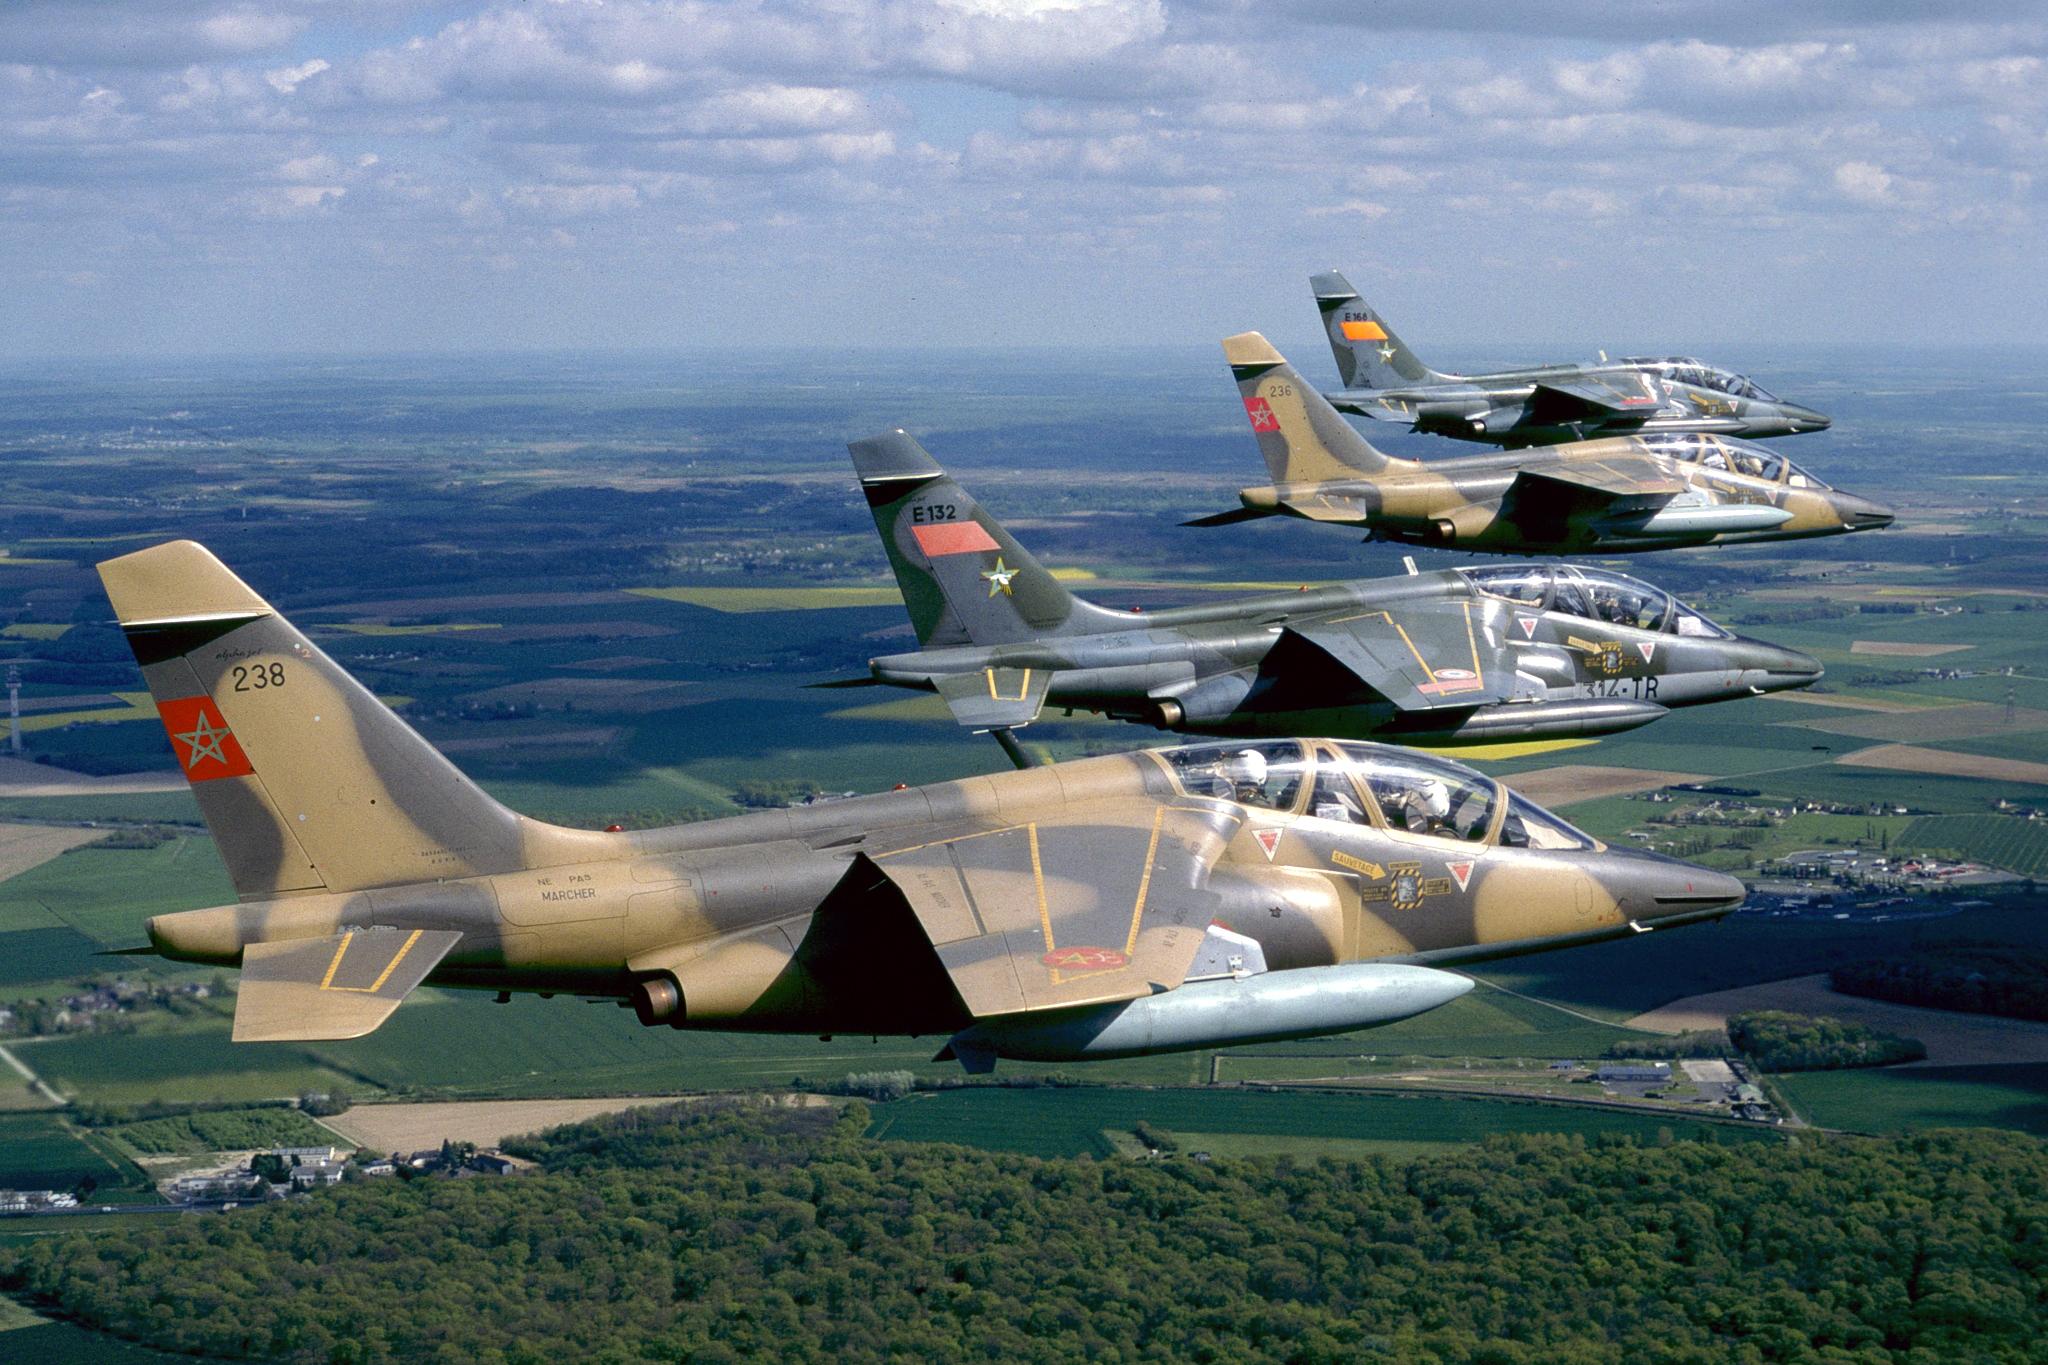 FRA: Photos avions d'entrainement et anti insurrection - Page 9 47621393282_18b2345338_o